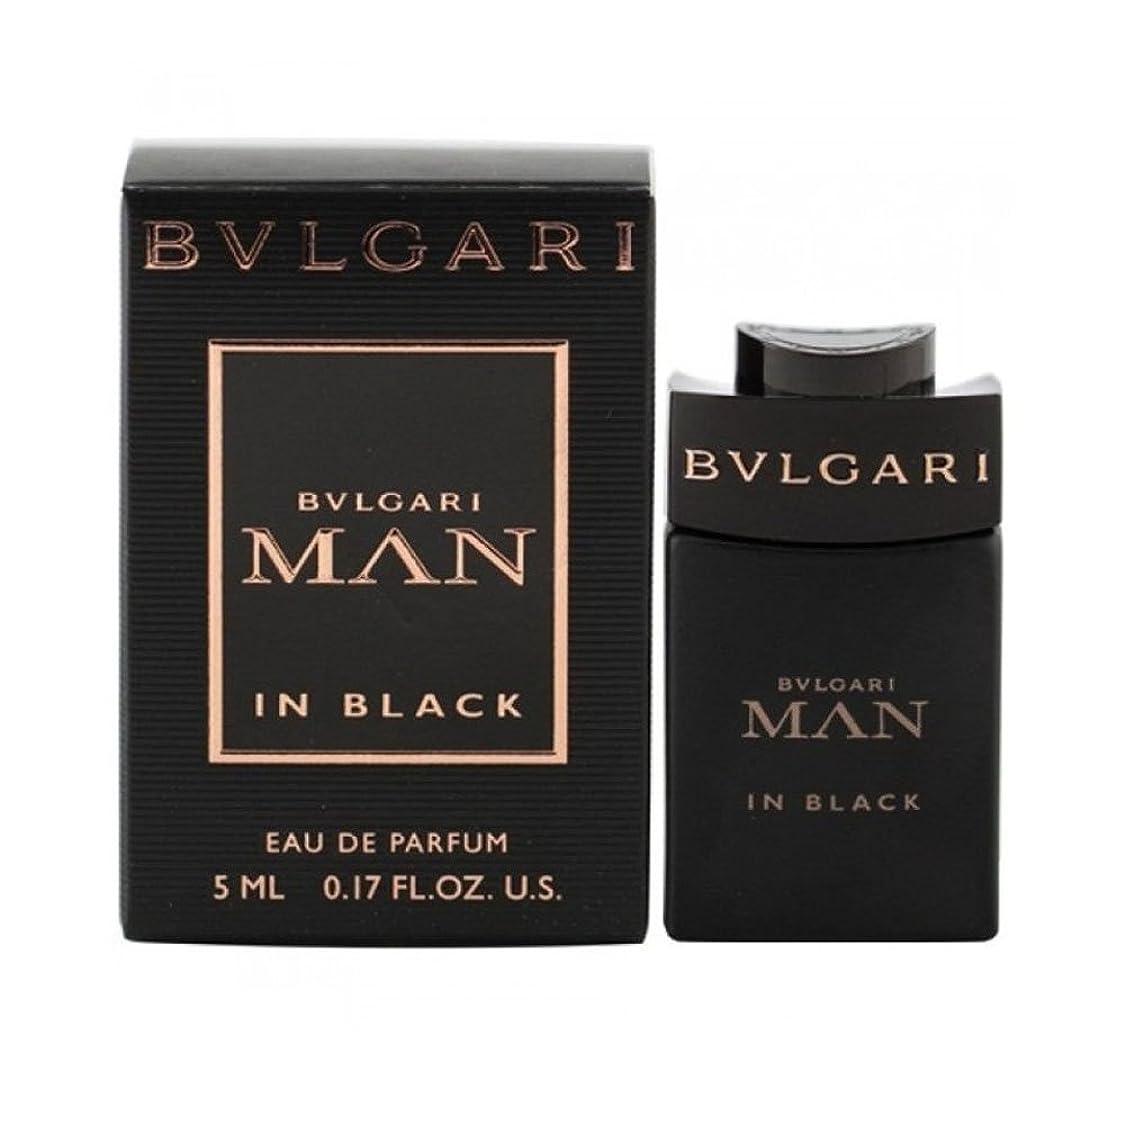 医師書く和らげるBVLGARI ミニチュア香水 ブルガリ マン イン ブラック オーデパルファム 5ml EDP [並行輸入品]